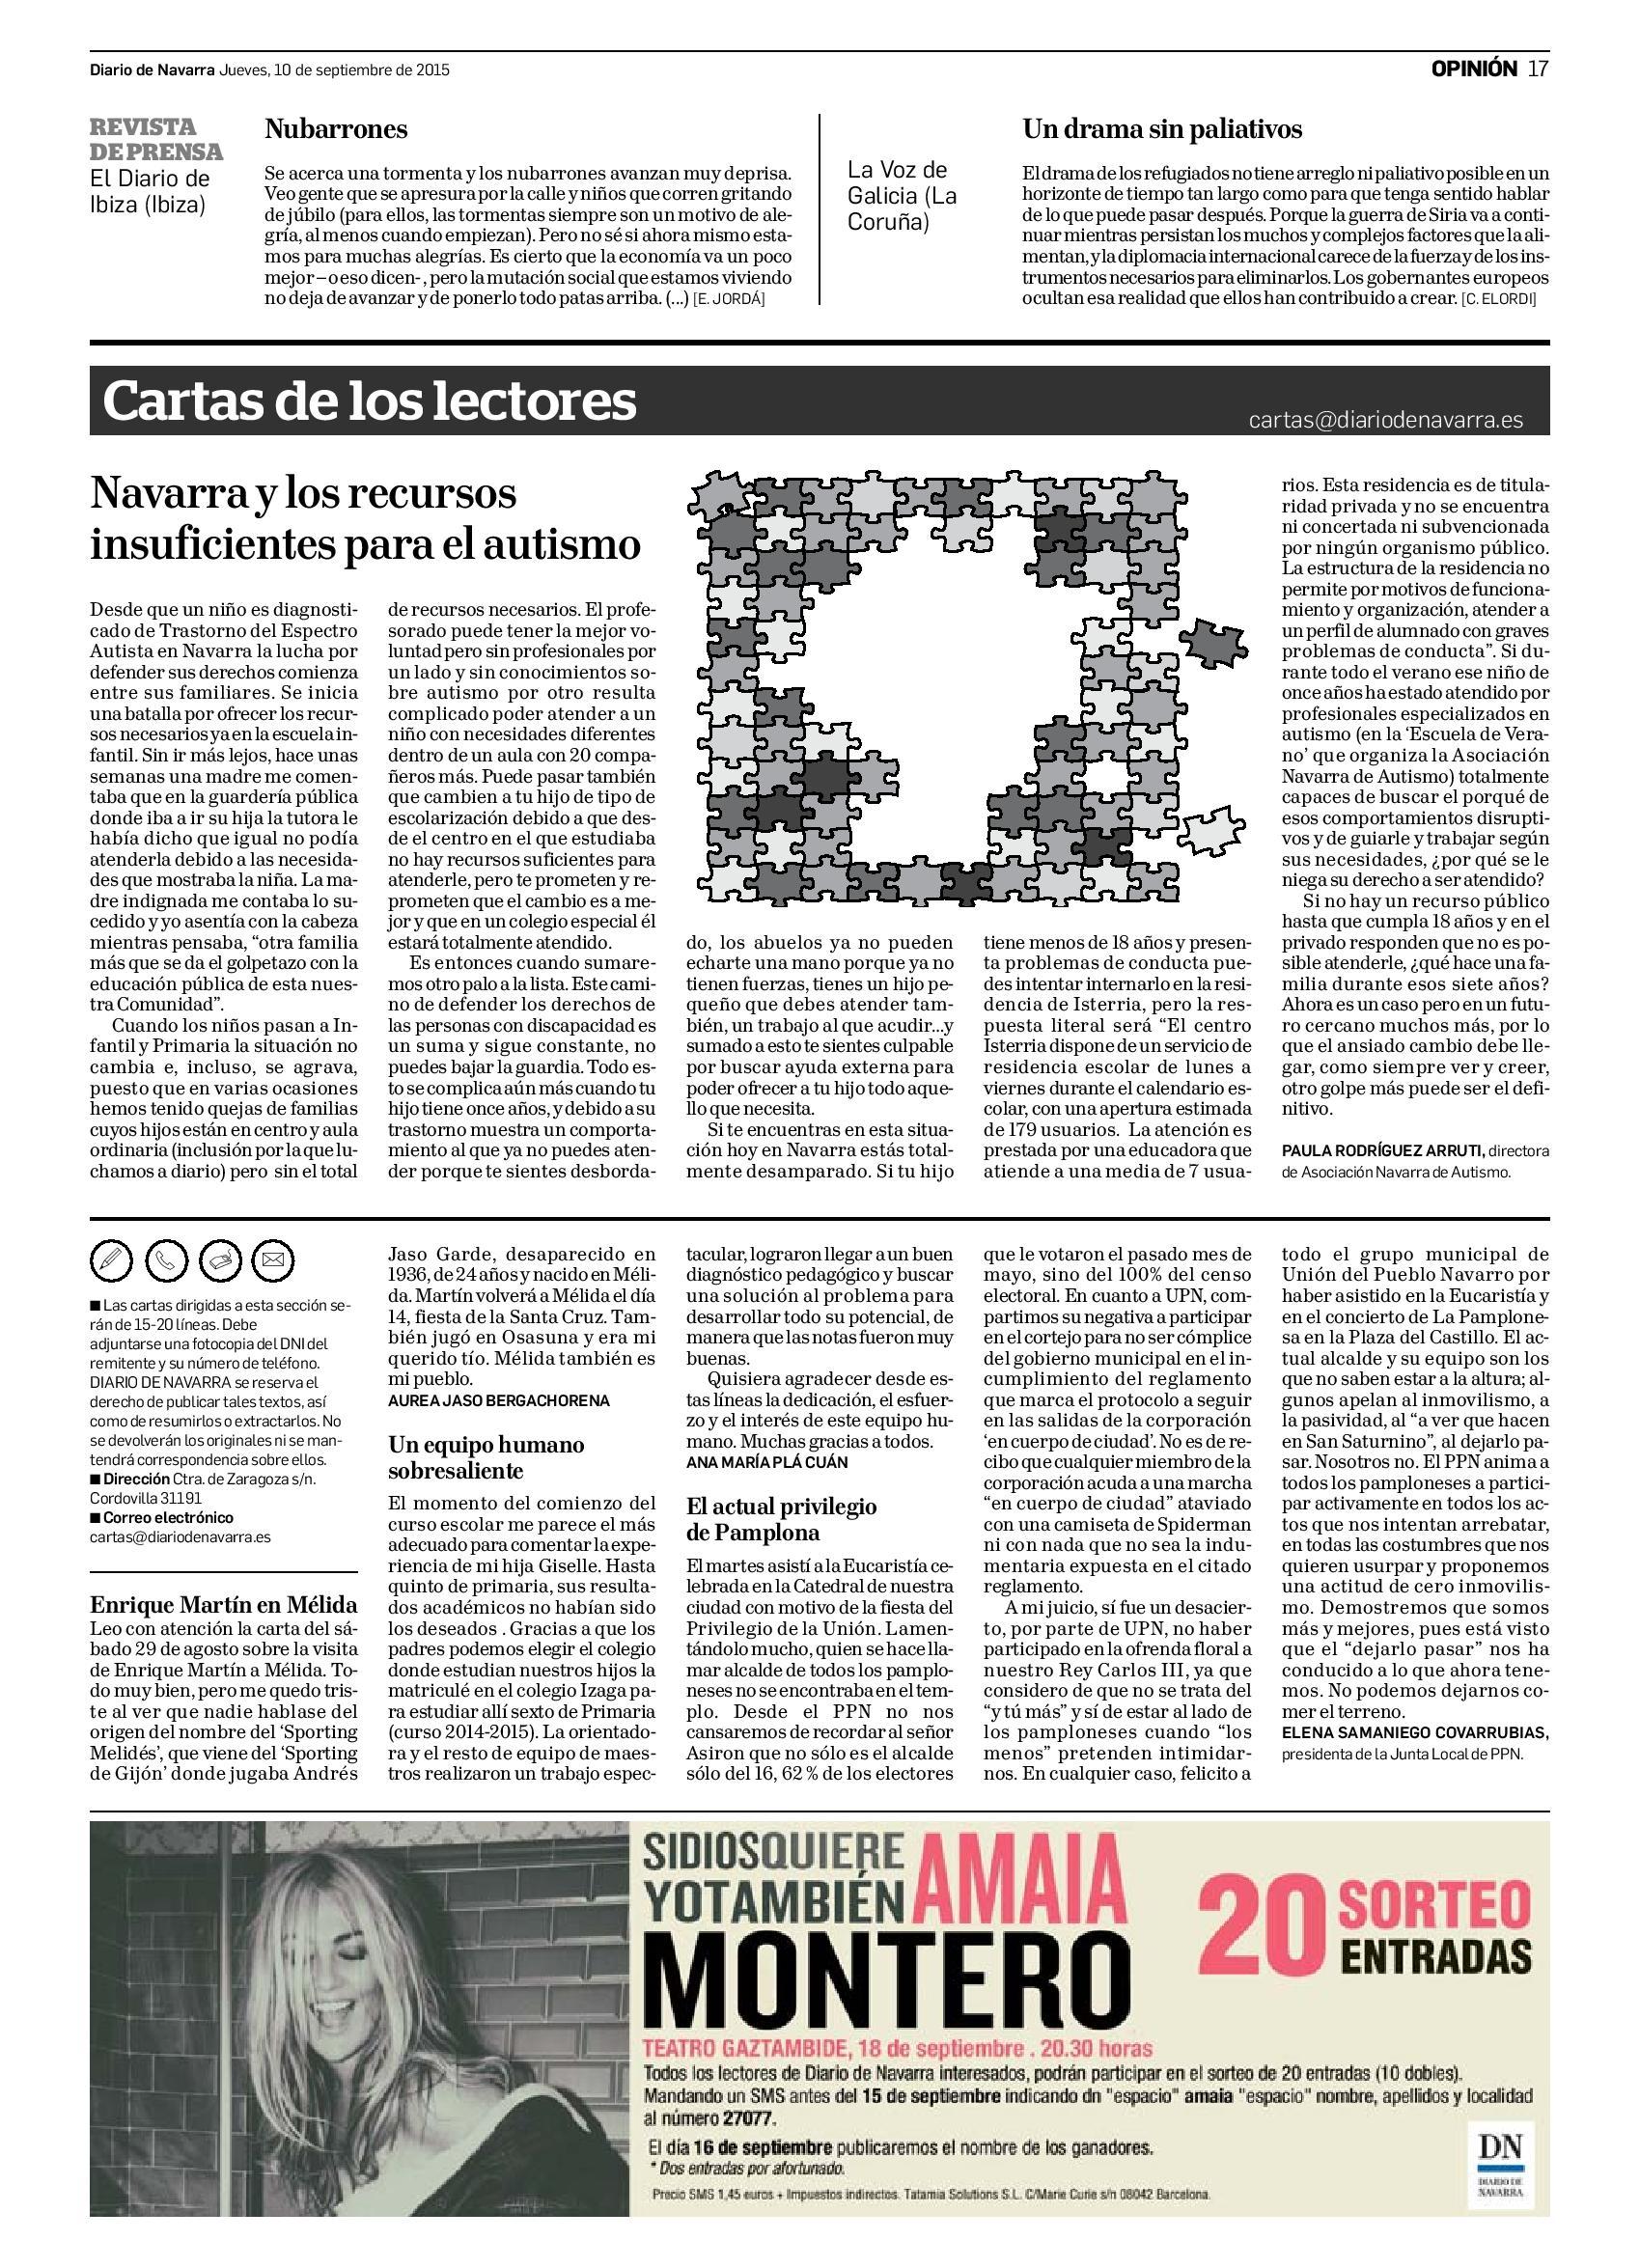 20150910 - Diario de Navarra - Opinión - pag 17 recursos insuficientes